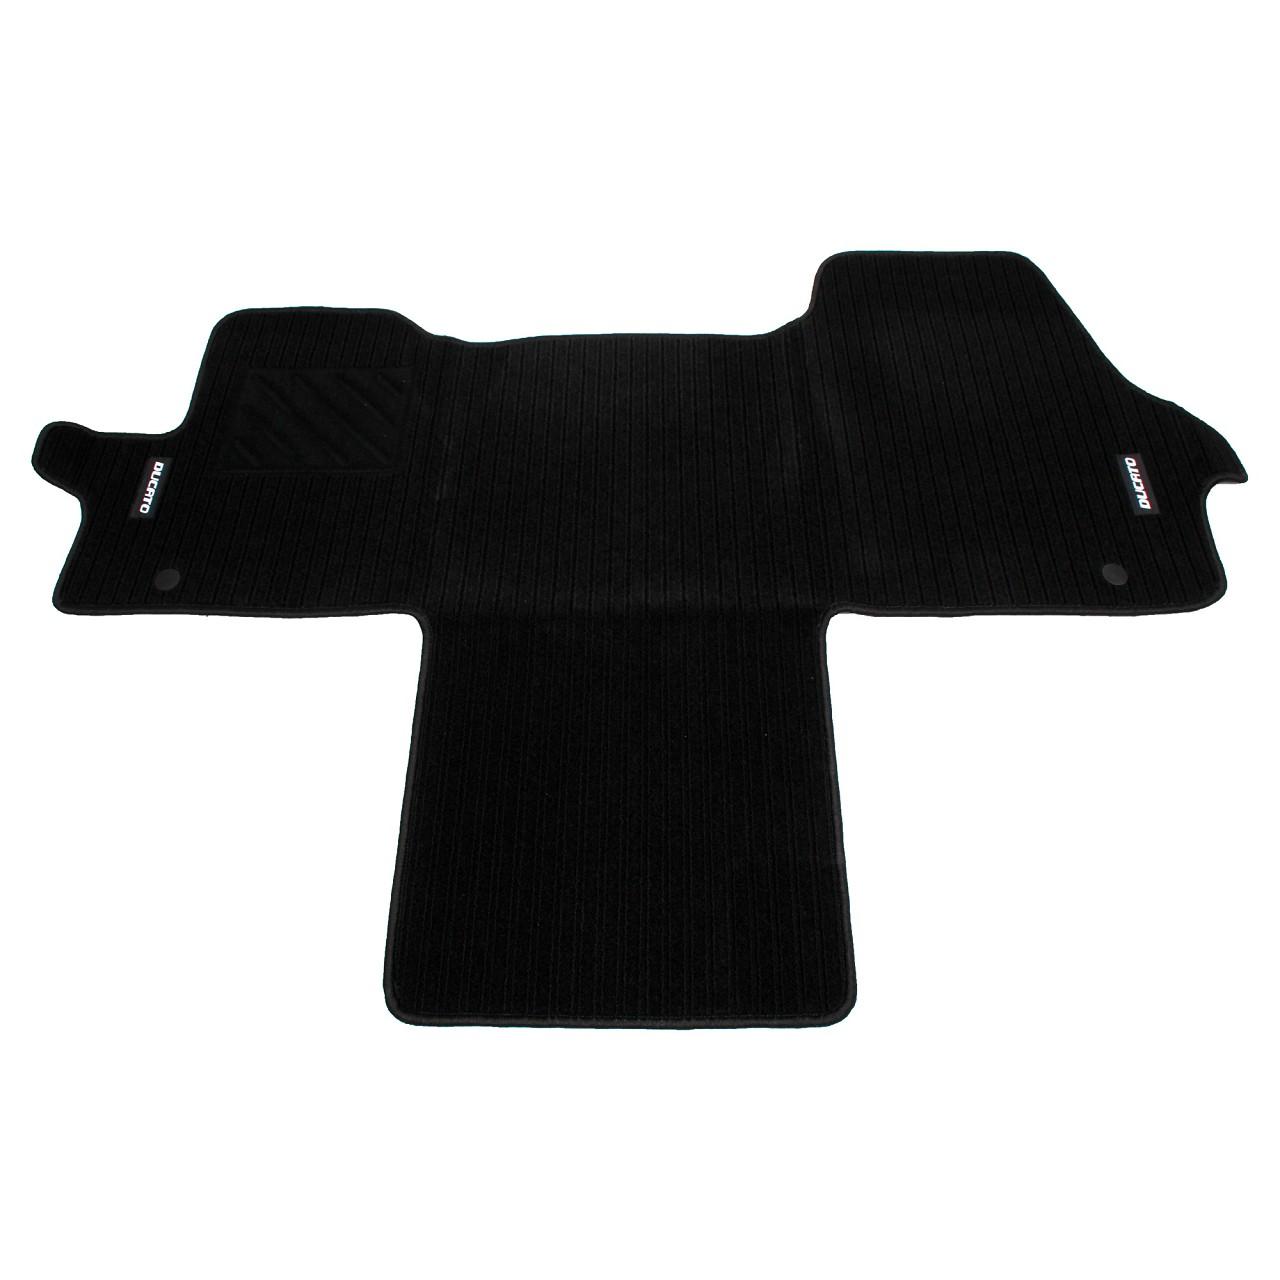 ORIGINAL Fiat Textilmatte Fußmatte Automatte 71807937 für DUCATO (250 290)